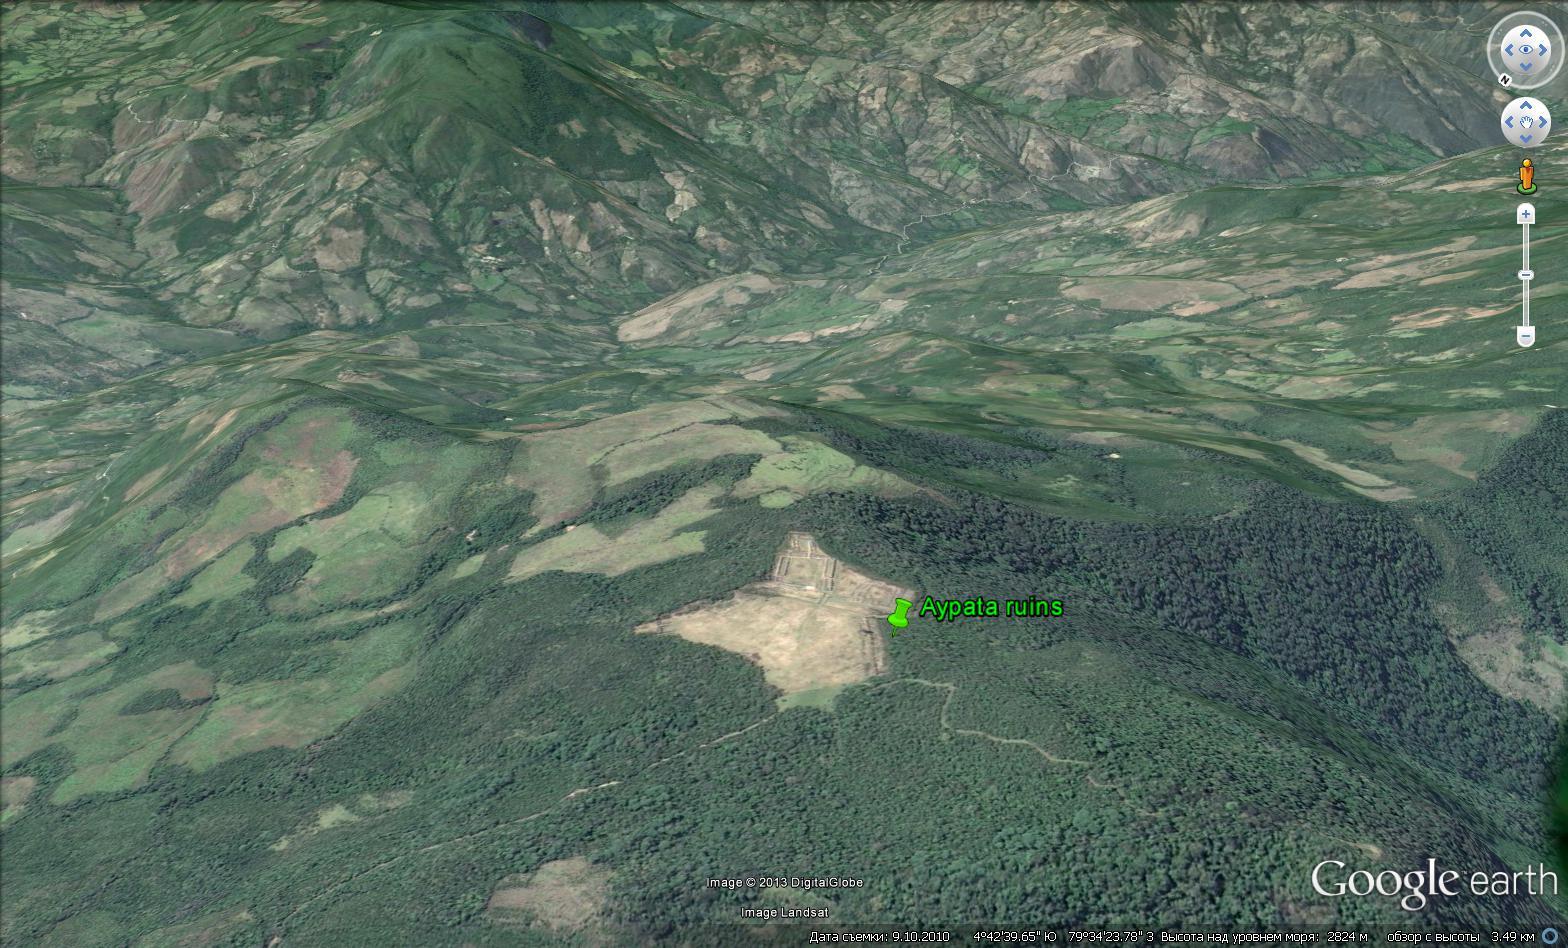 Рис.9 Аяпата, вид с холма на долину.